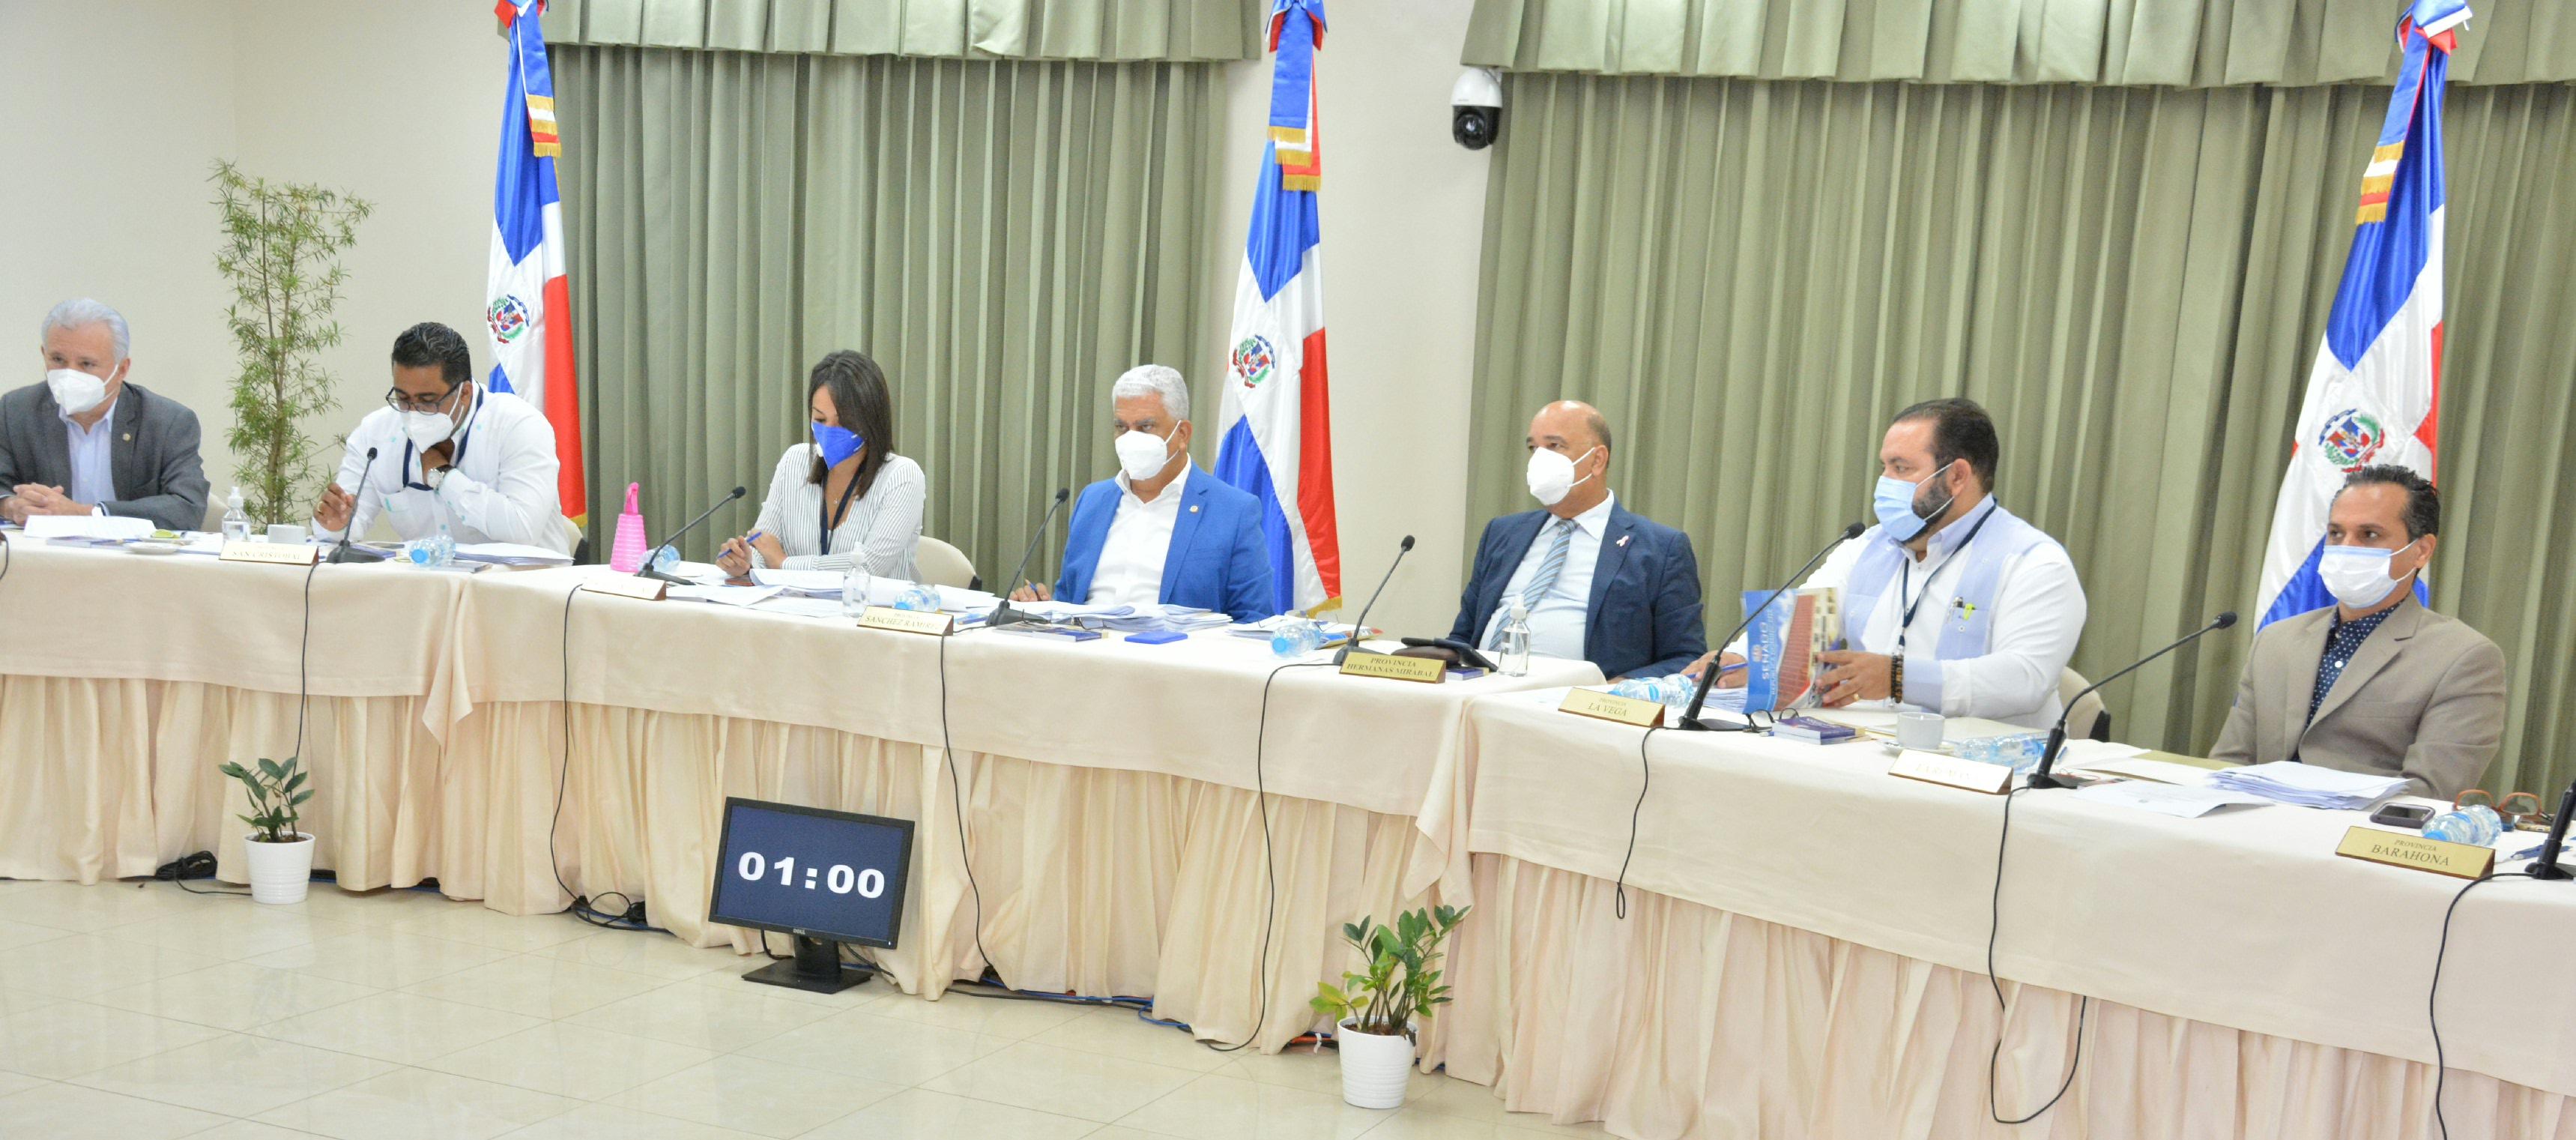 Proceso.com.do :: Comisión del Senado finaliza entrevistas a postulantes a  miembros del pleno de la JCE